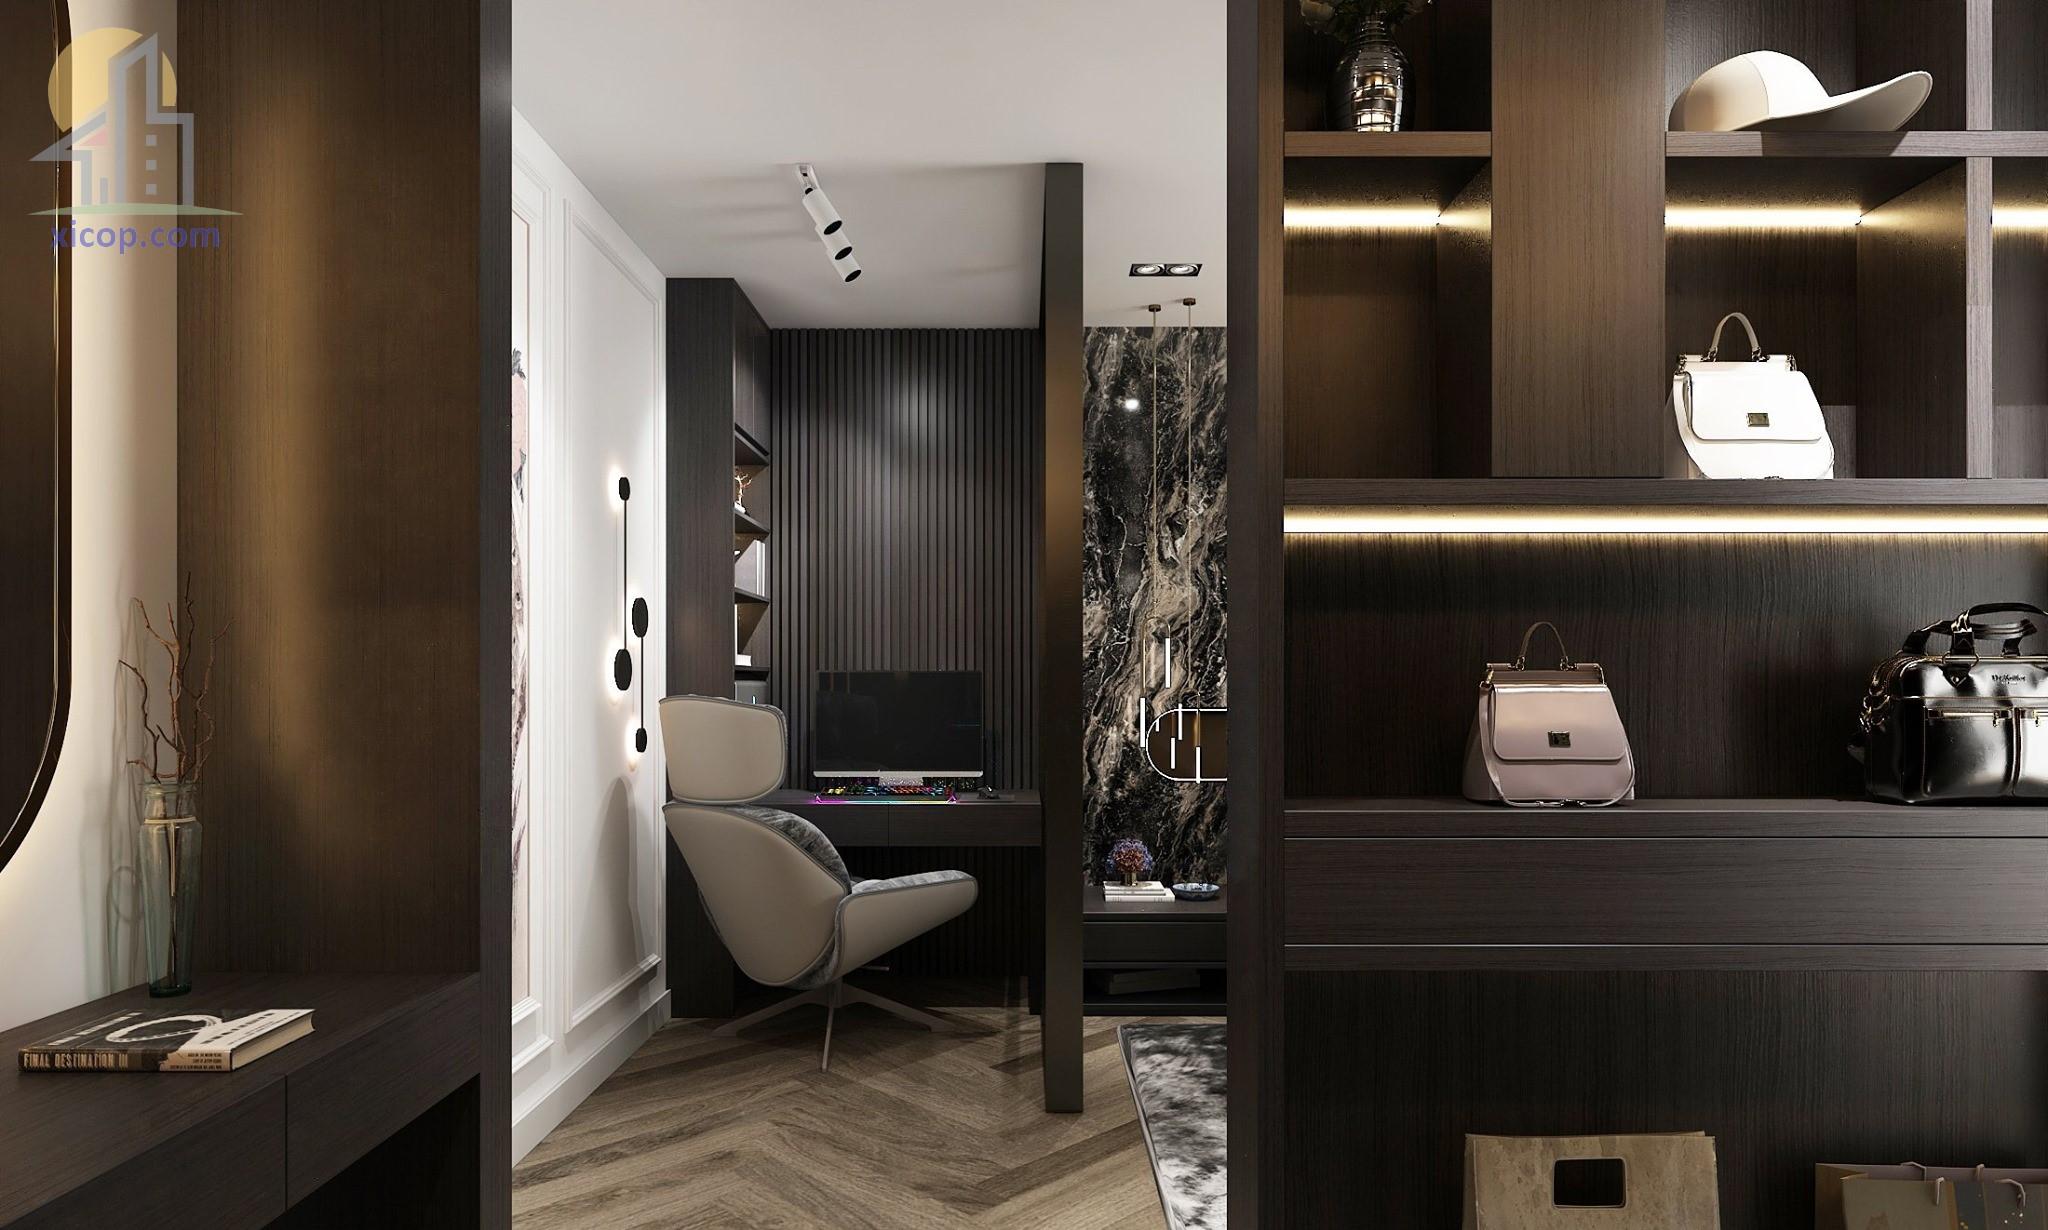 Nội thất nhà phố đẹp hiện đại mẫu thiết kế phong cách mới 03